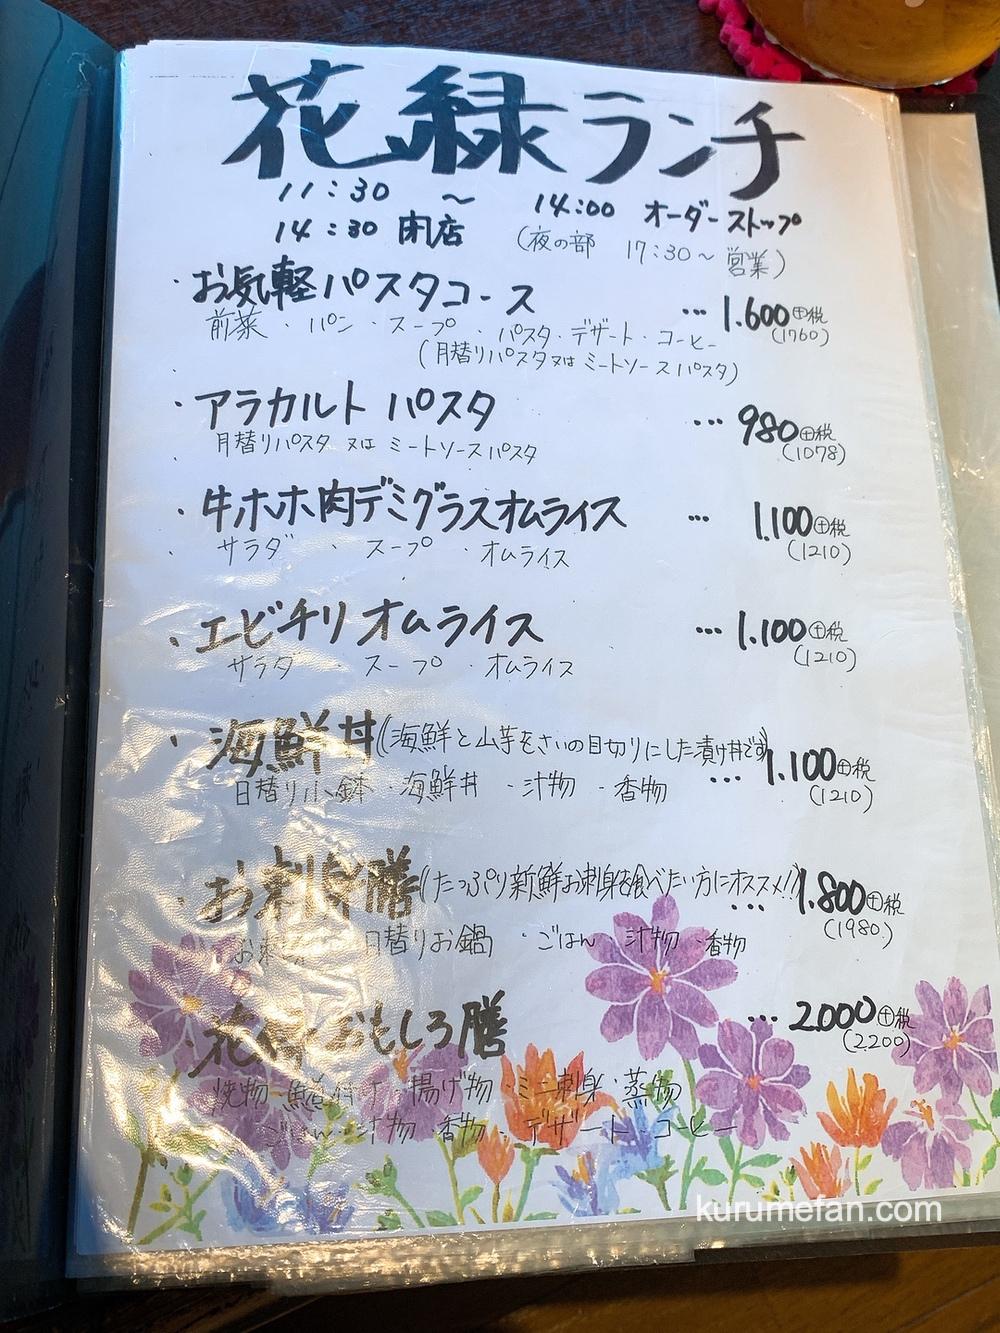 創作食道 花緑(かろく)ランチメニュー【久留米市北野町】